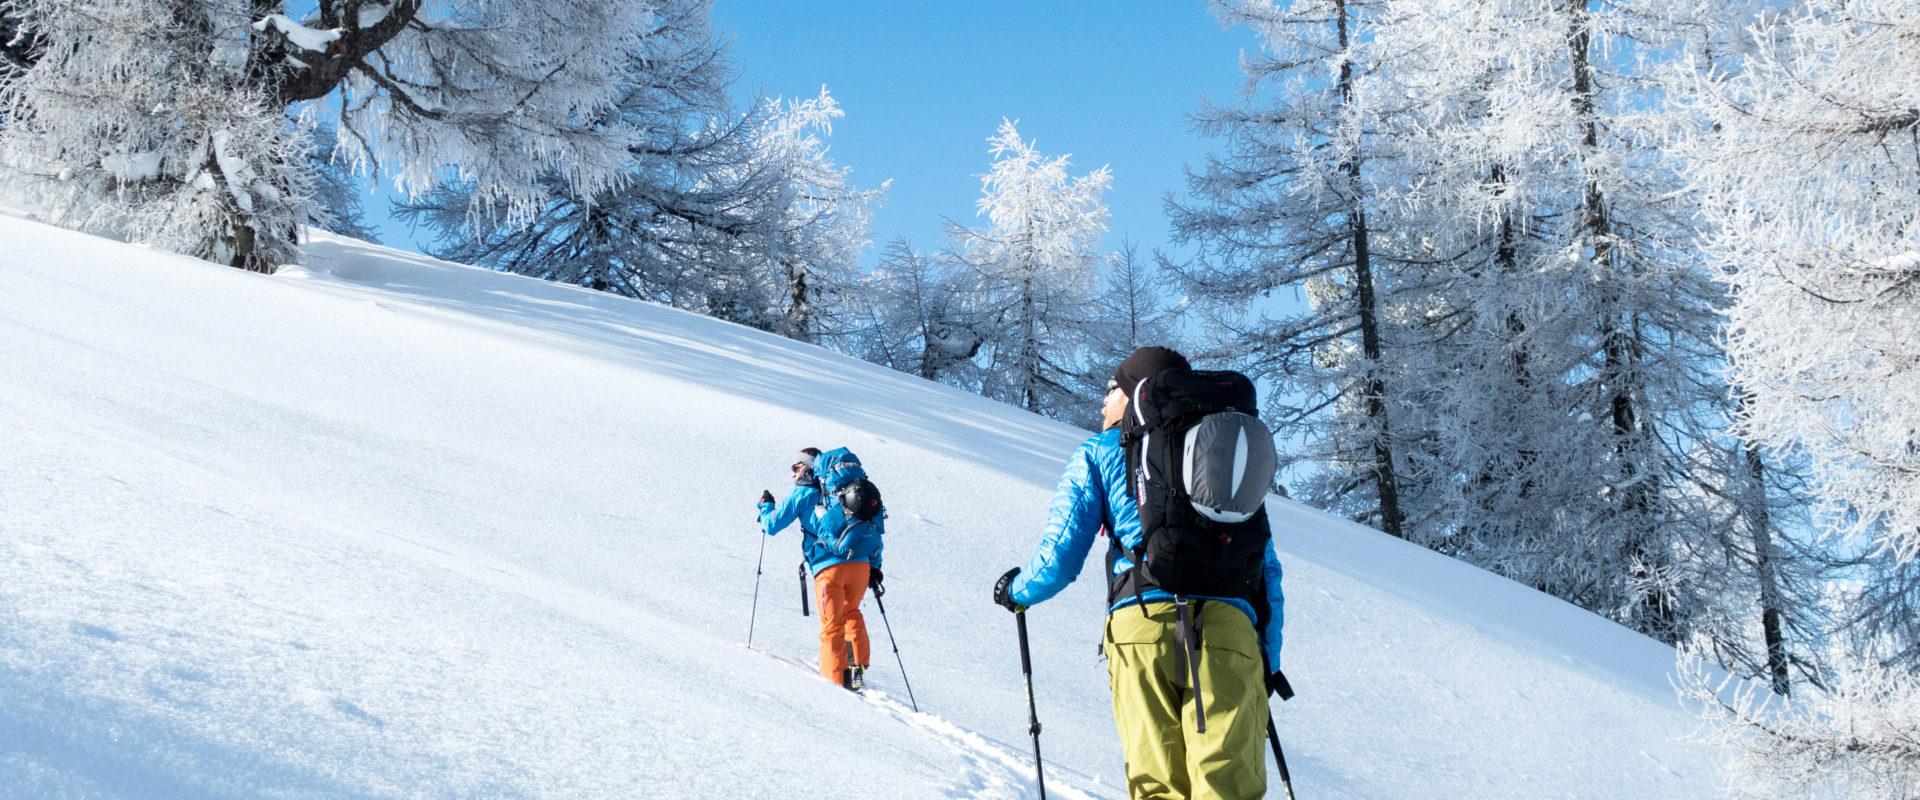 Skitourengeher zieht seine Spur in den frisch geschneiten Pulverschnee im reif bedeckten lichten Hochwald